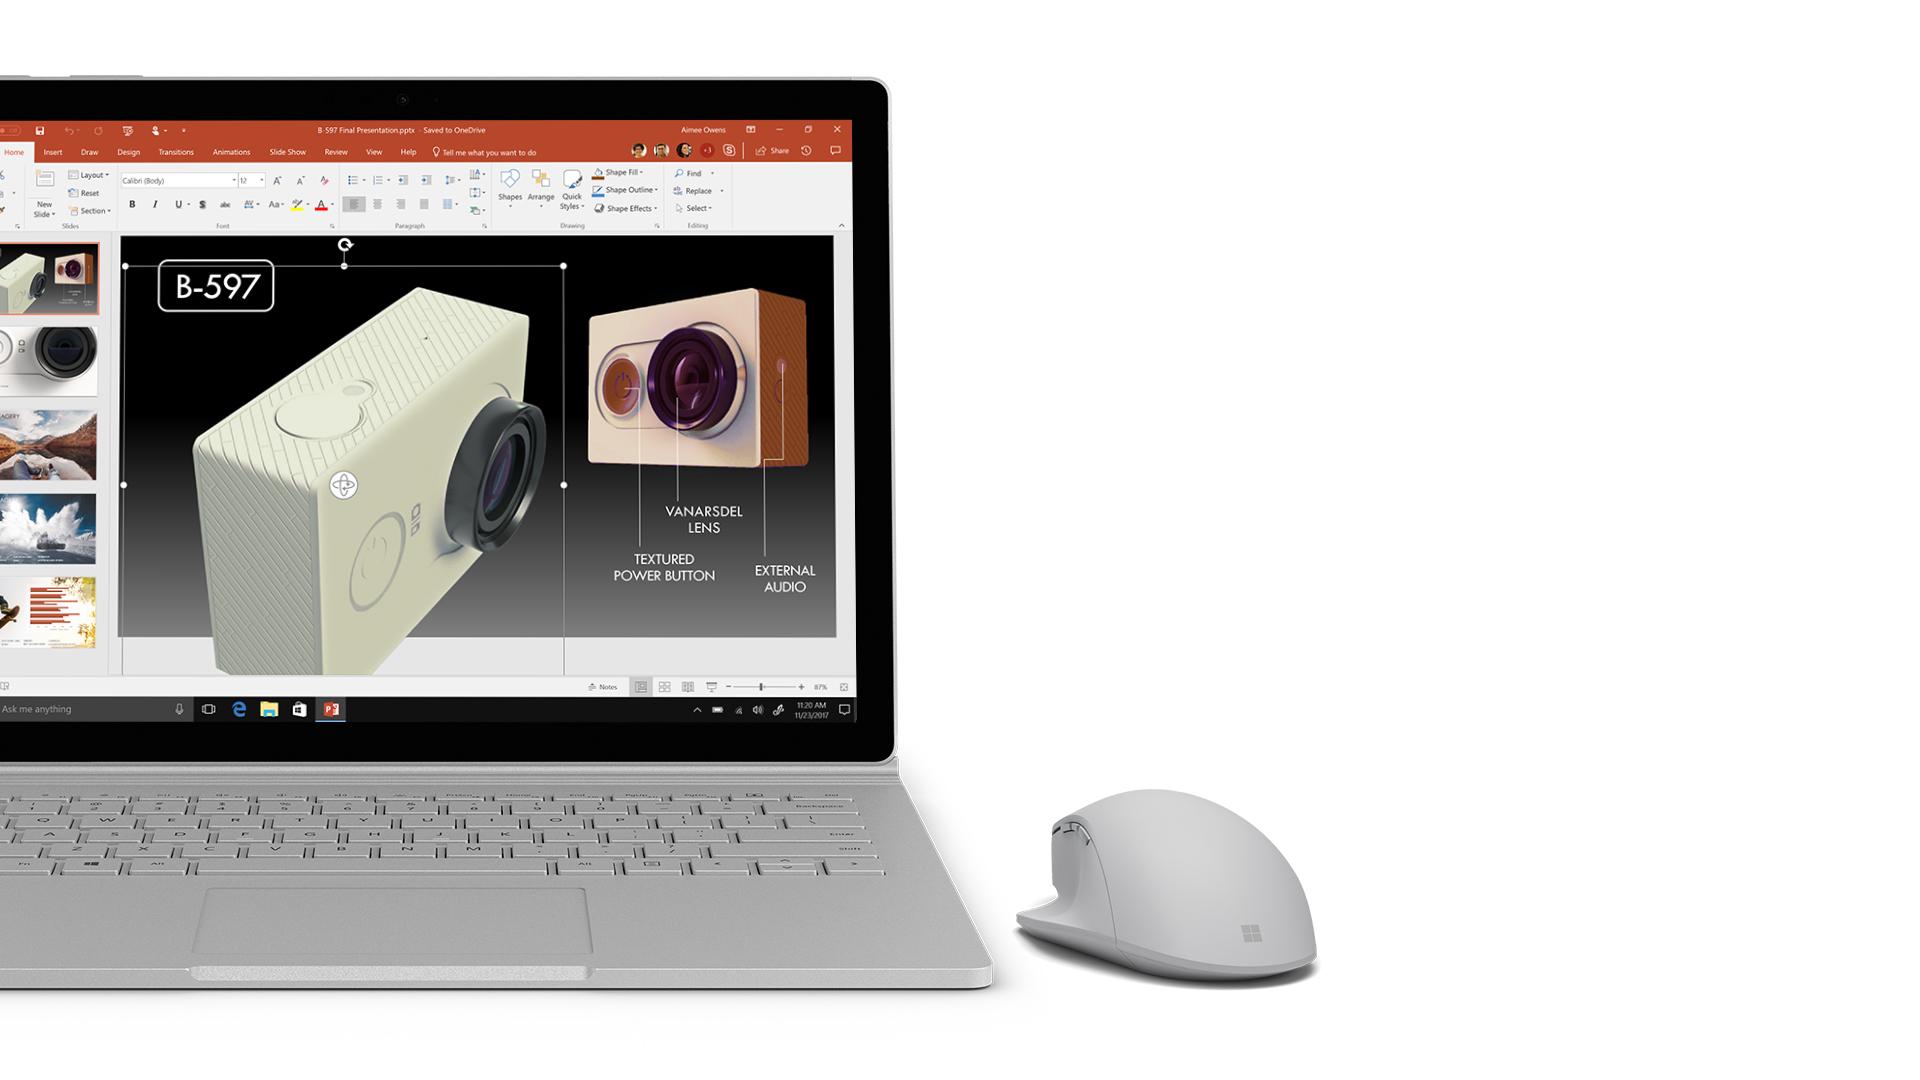 ภาพหน้าจอของ PowerPoint บน Surface